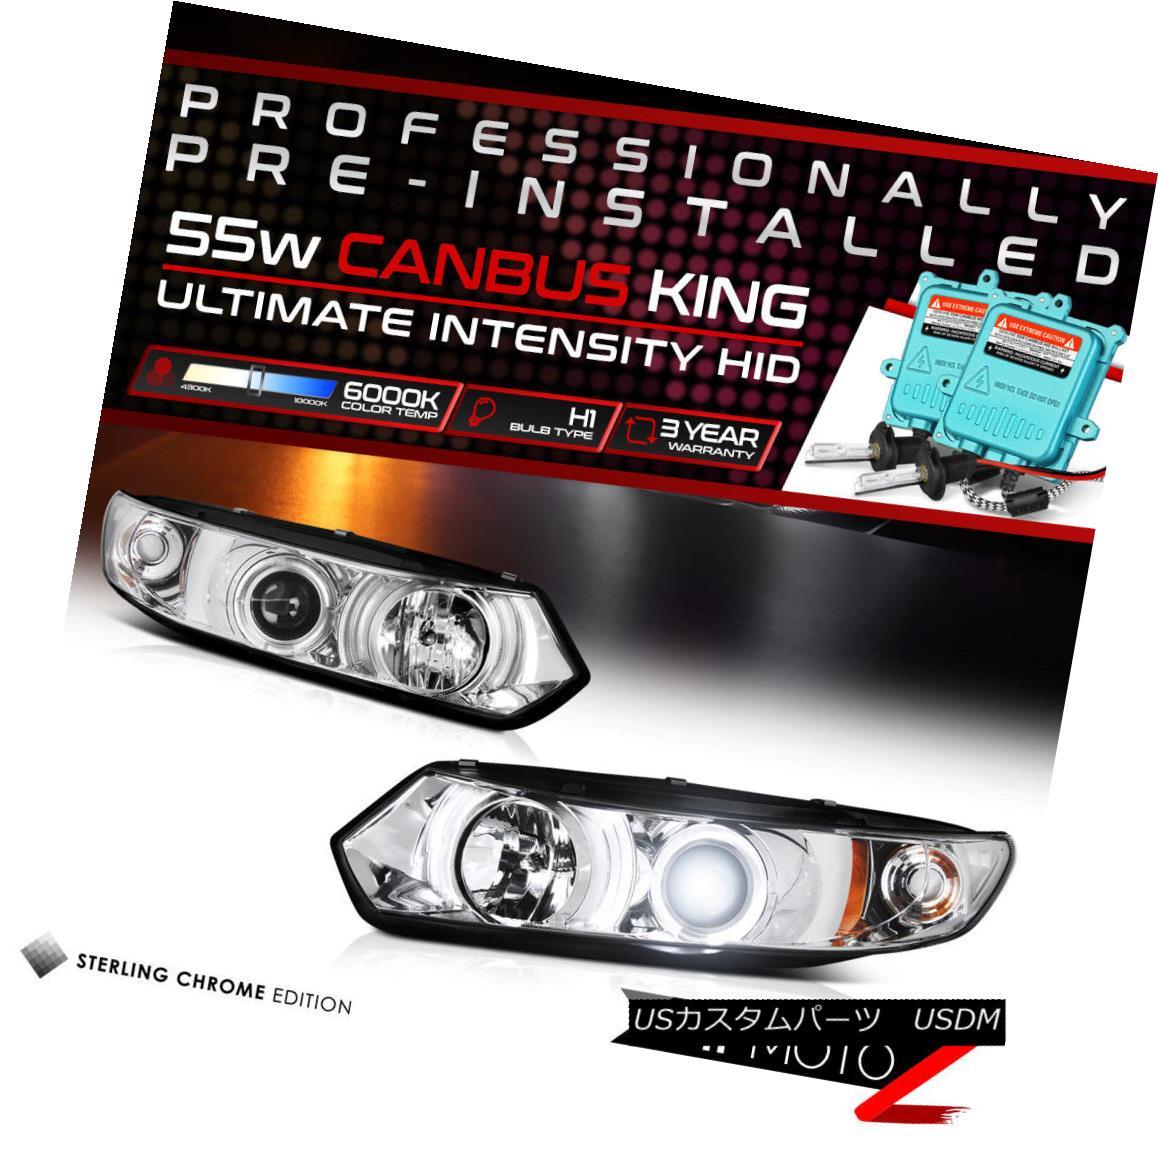 ヘッドライト !55W HID Built-In!06-11 Civic 2DR Chrome Dual LED Halo Projector Headlight Lamp !55W HID内蔵!06-11シビック2DRクロームデュアルLEDハロープロジェクターヘッドライトランプ